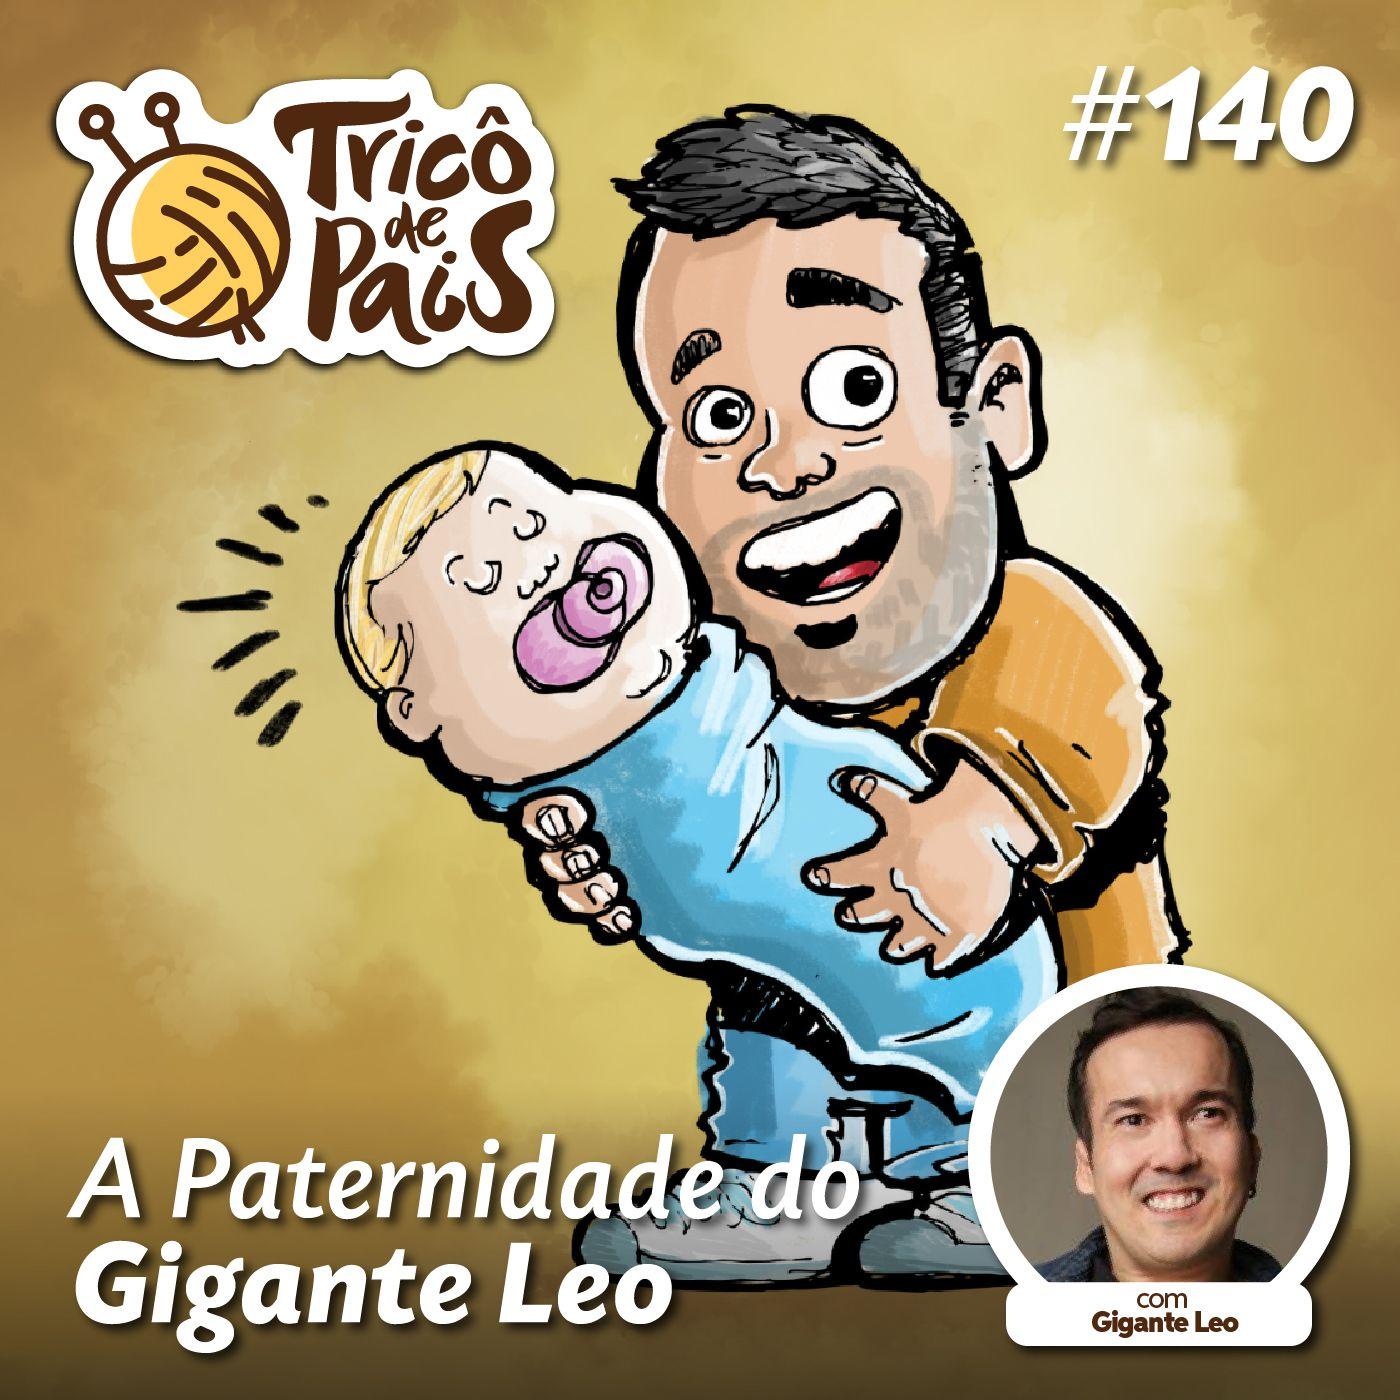 #140 - A Paternidade do Gigante Leo